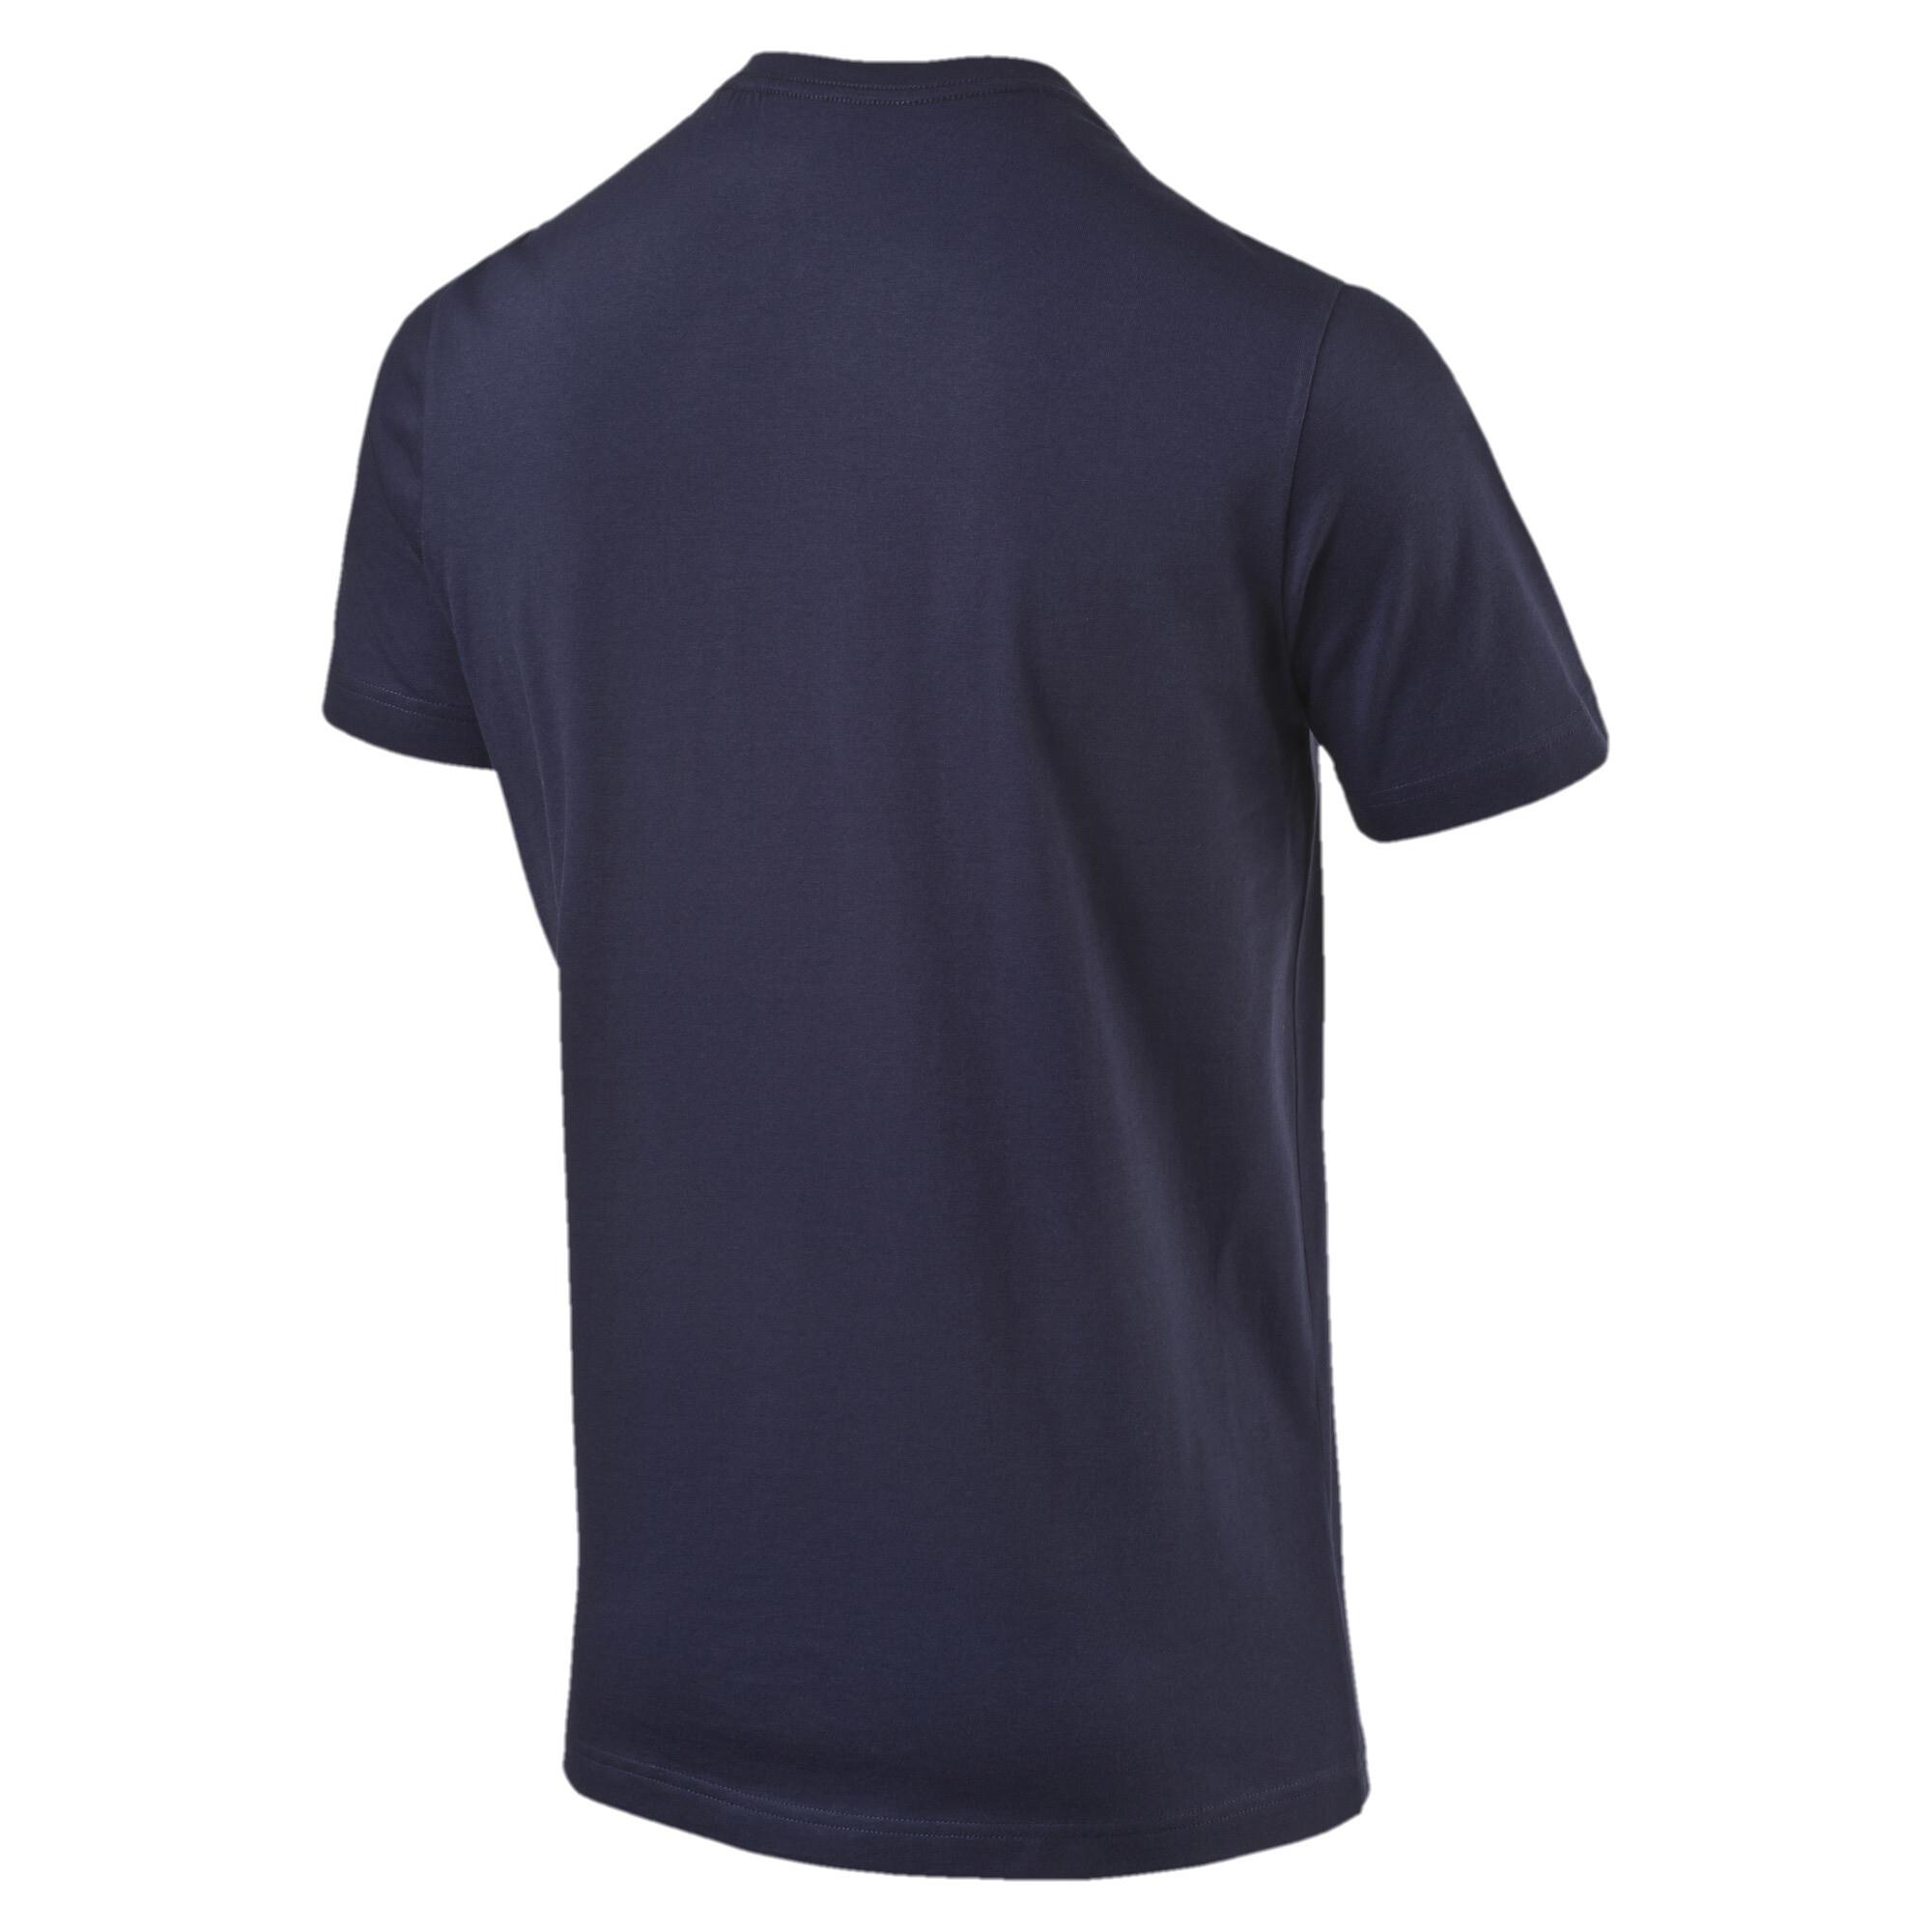 PUMA-Men-039-s-Iconic-V-Neck-T-Shirt thumbnail 5